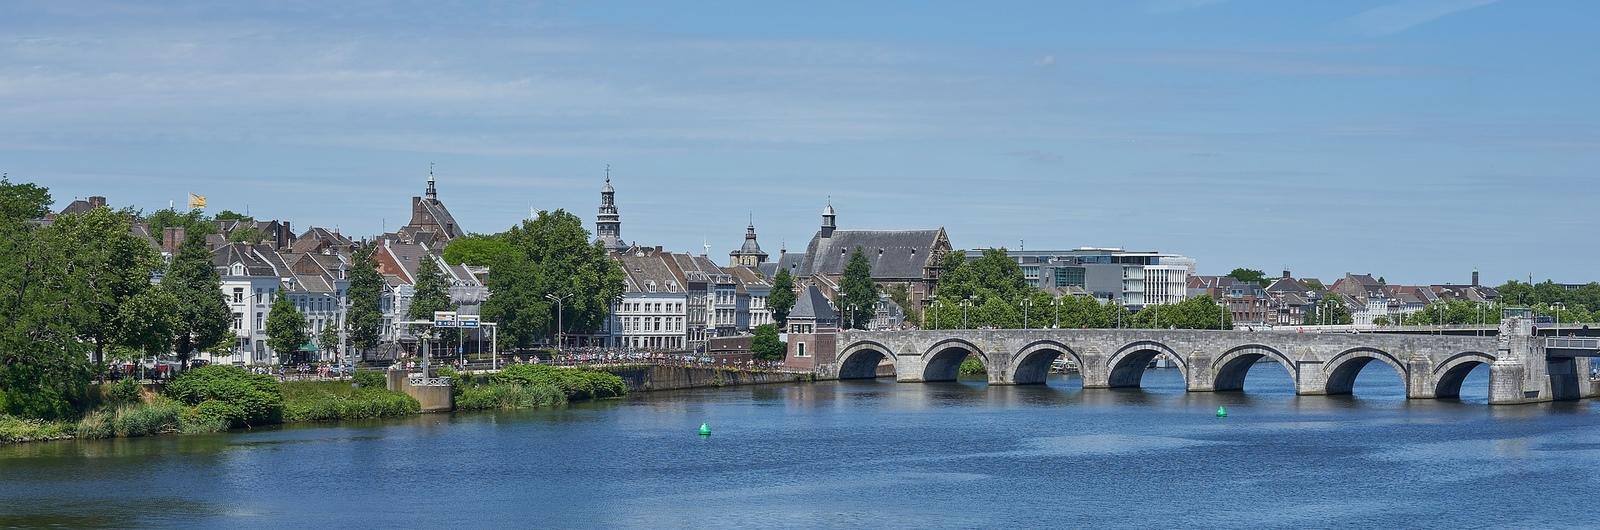 maastricht city header